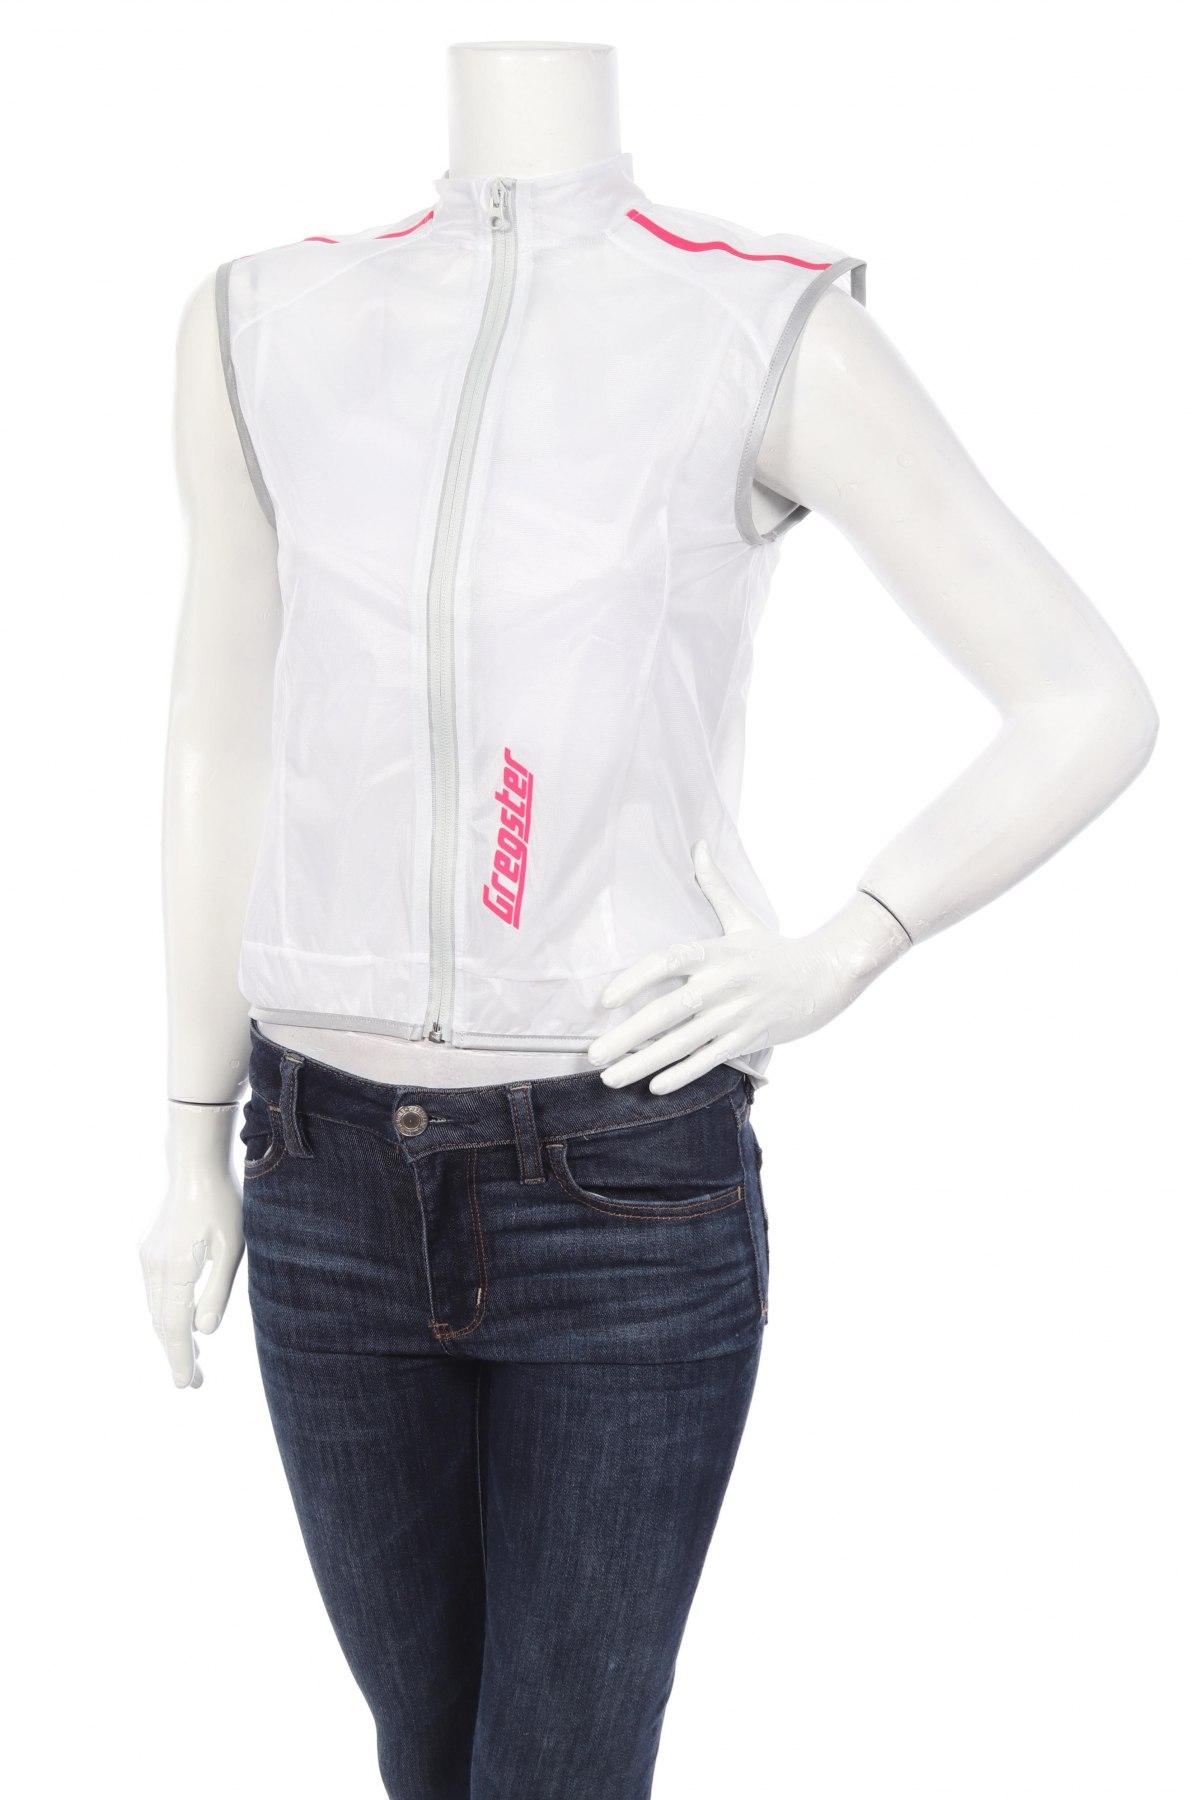 Дамски спортен елек Gregster, Размер S, Цвят Бял, Полиестер, Цена 7,28лв.